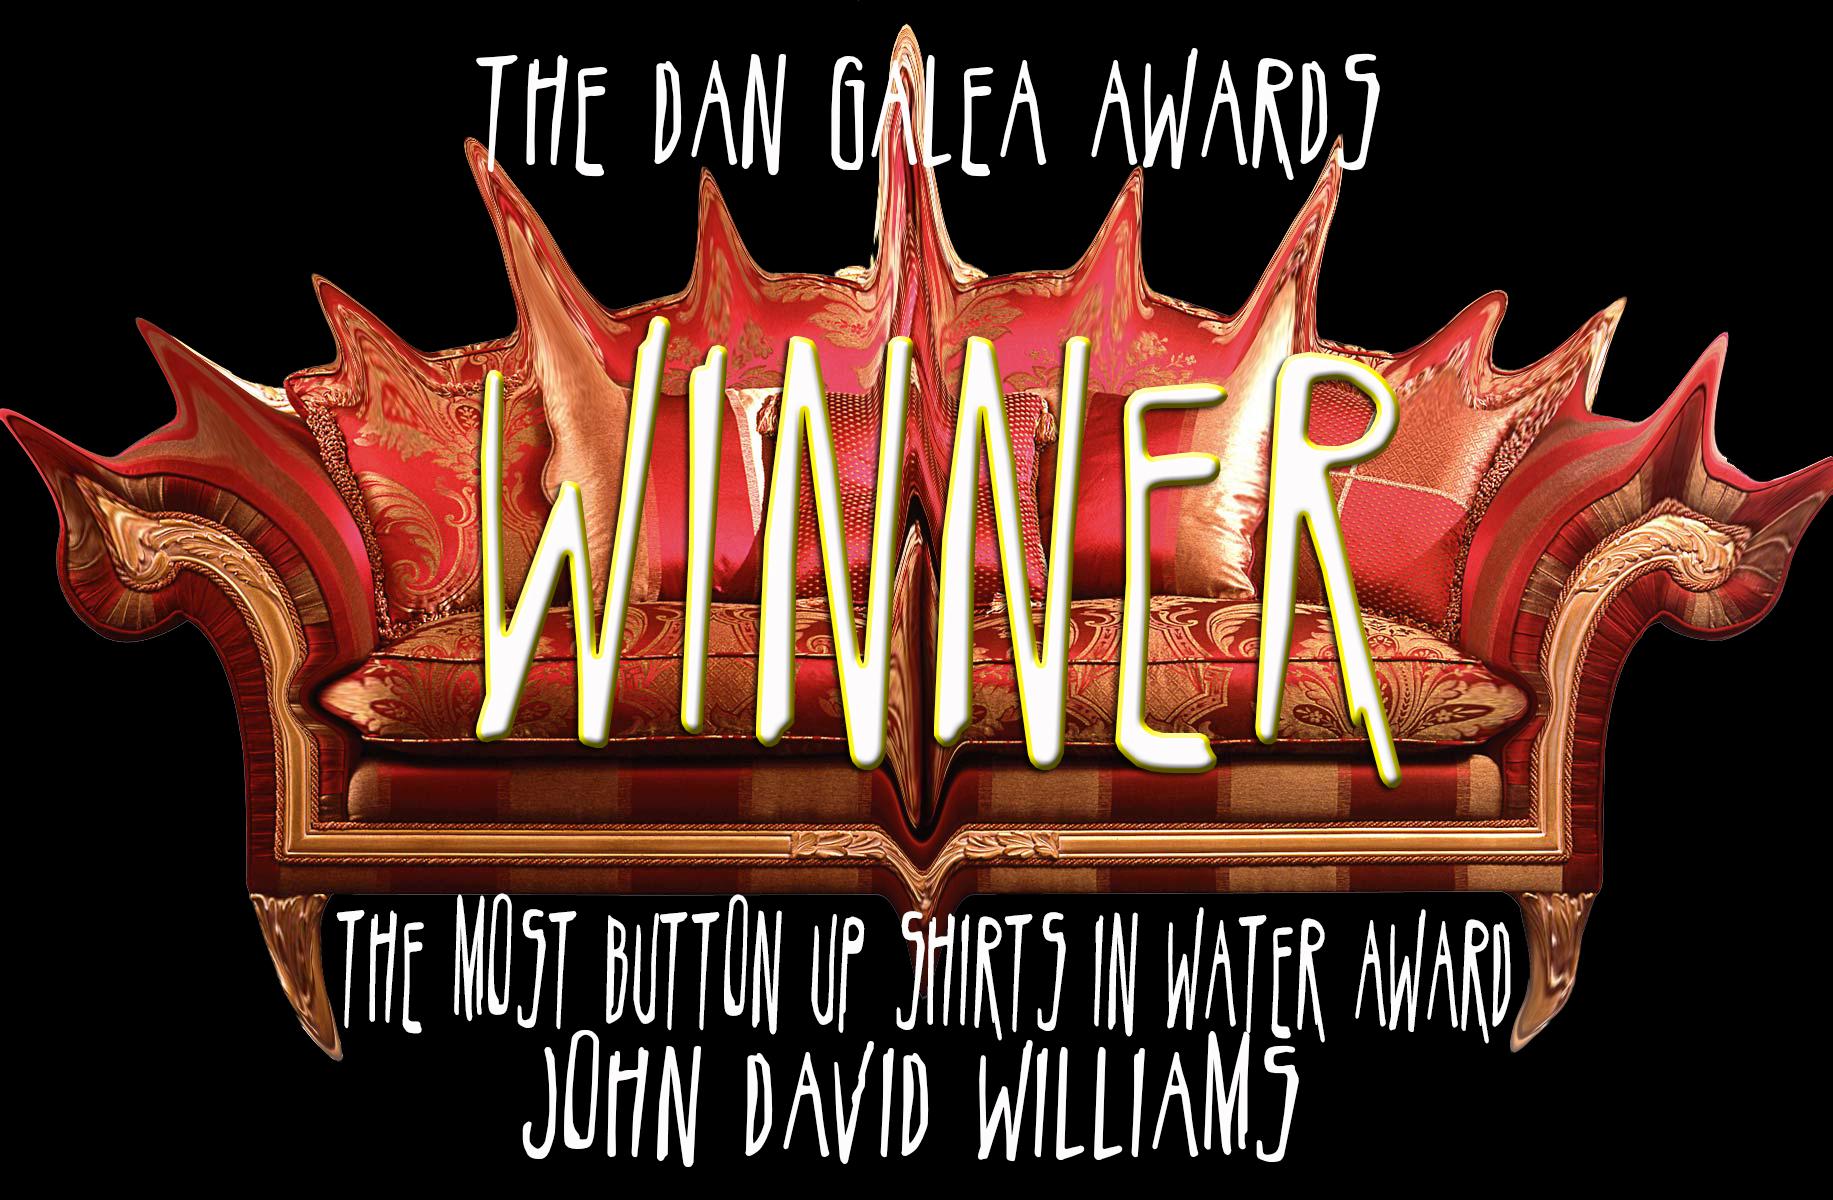 DGawards John David WIlliams2.jpg